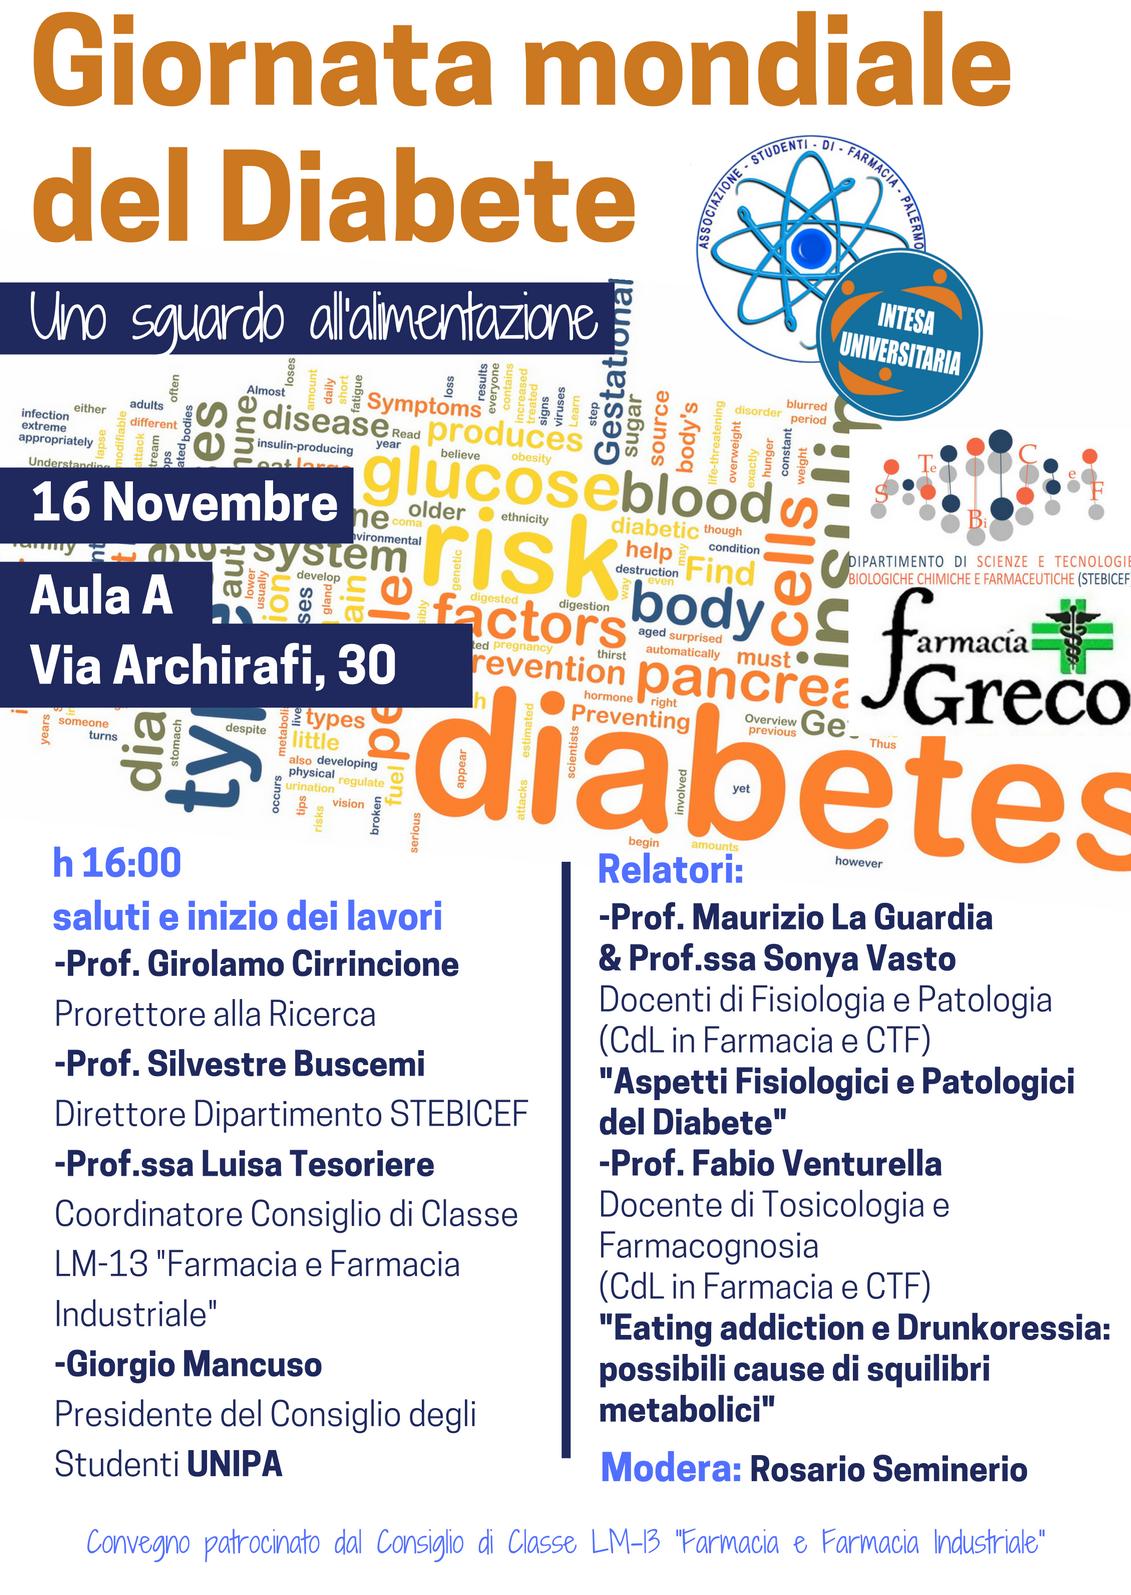 giornata-mondiale-del-diabete-2016